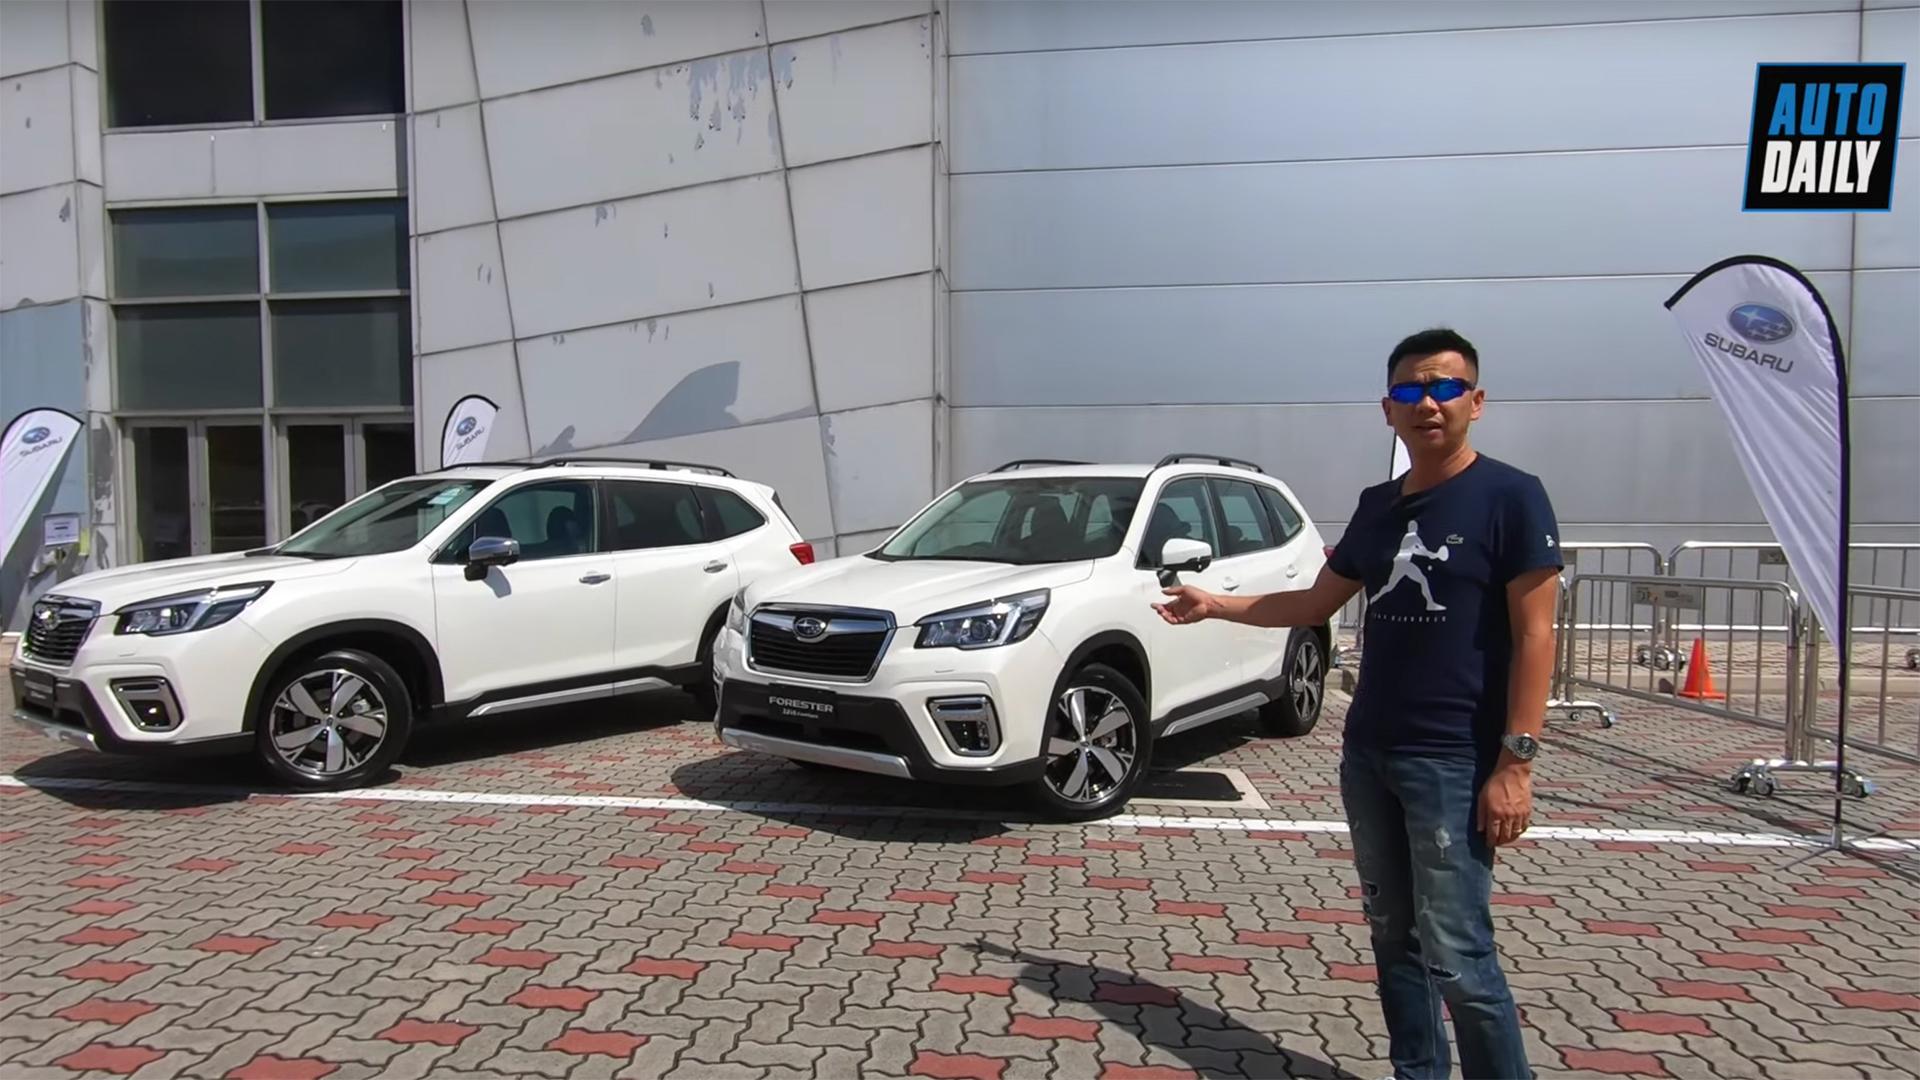 Đánh giá xe Subaru Forester 2020: thêm hàng tá công nghệ cạnh tranh CRV và CX5